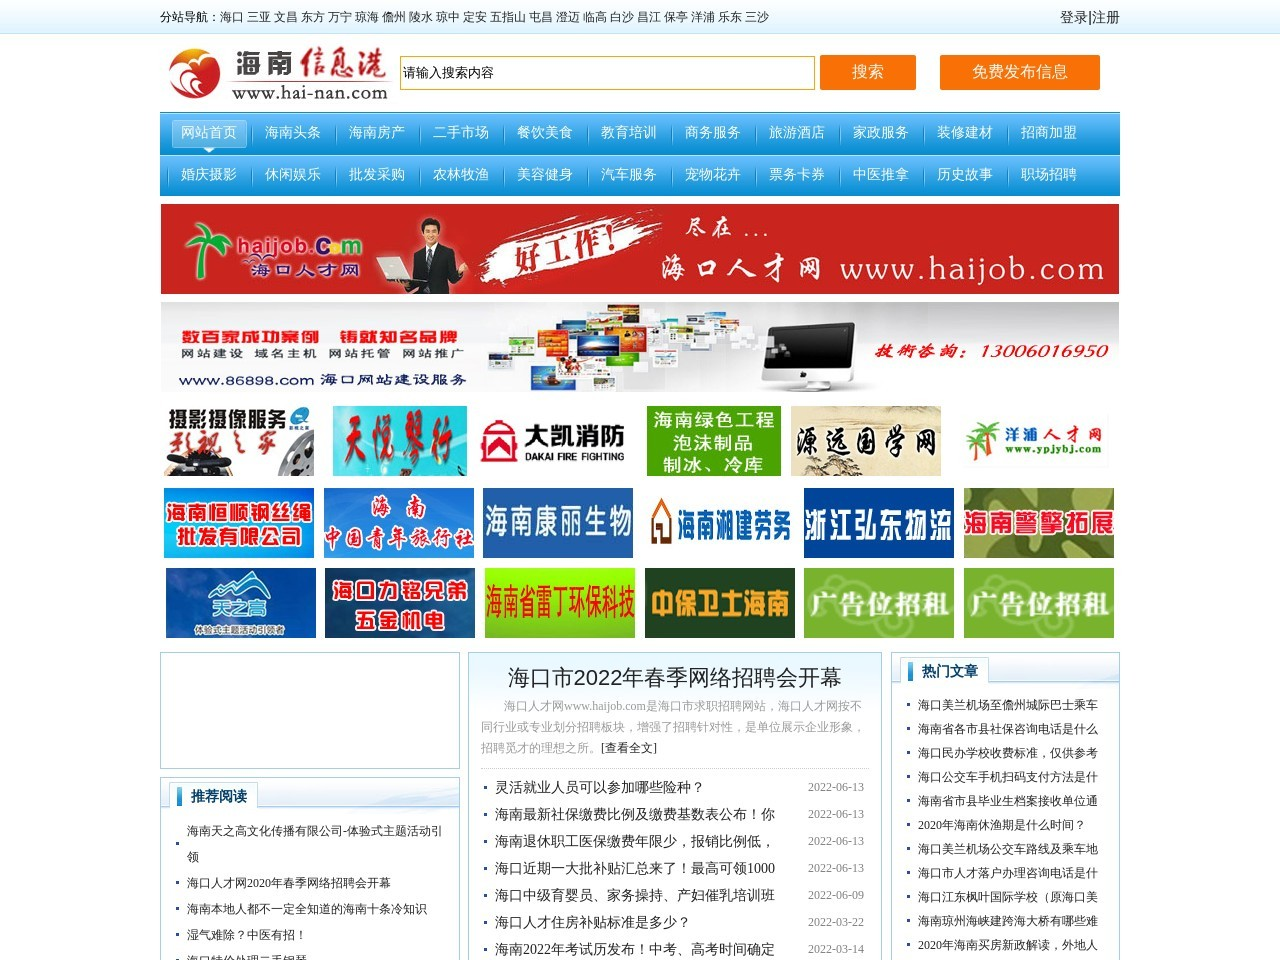 海南信息港-海南分类信息-海南生活信息门户网站